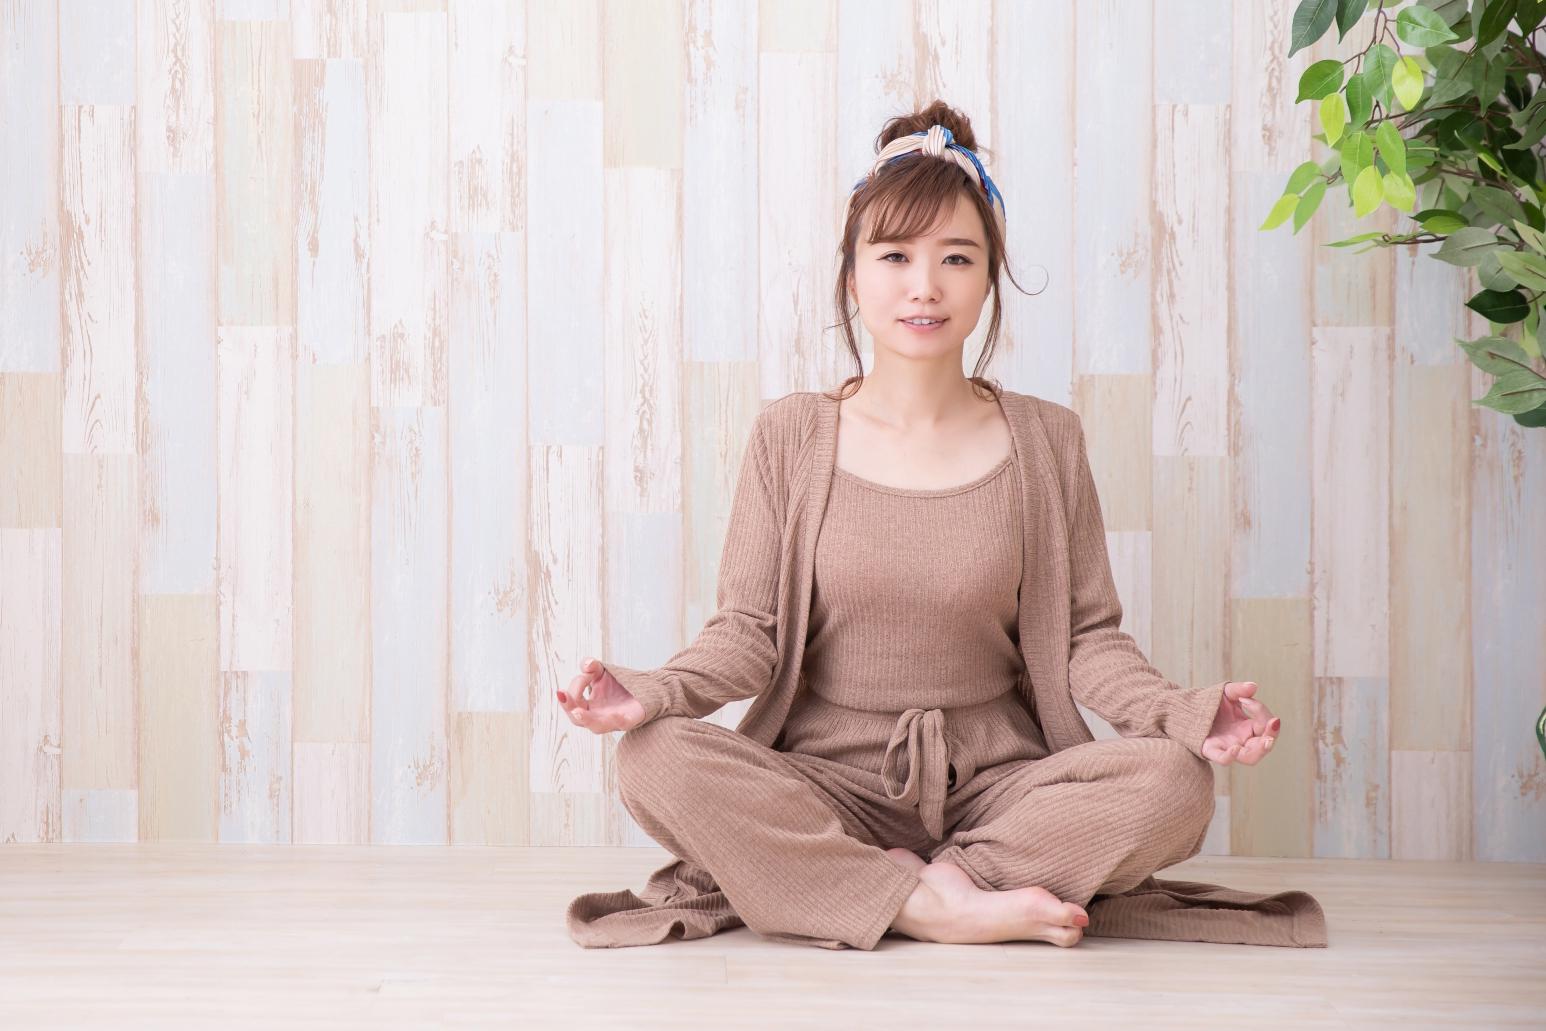 ダイエットと瞑想。メンタルを整えることで自然と過食を抑えられる